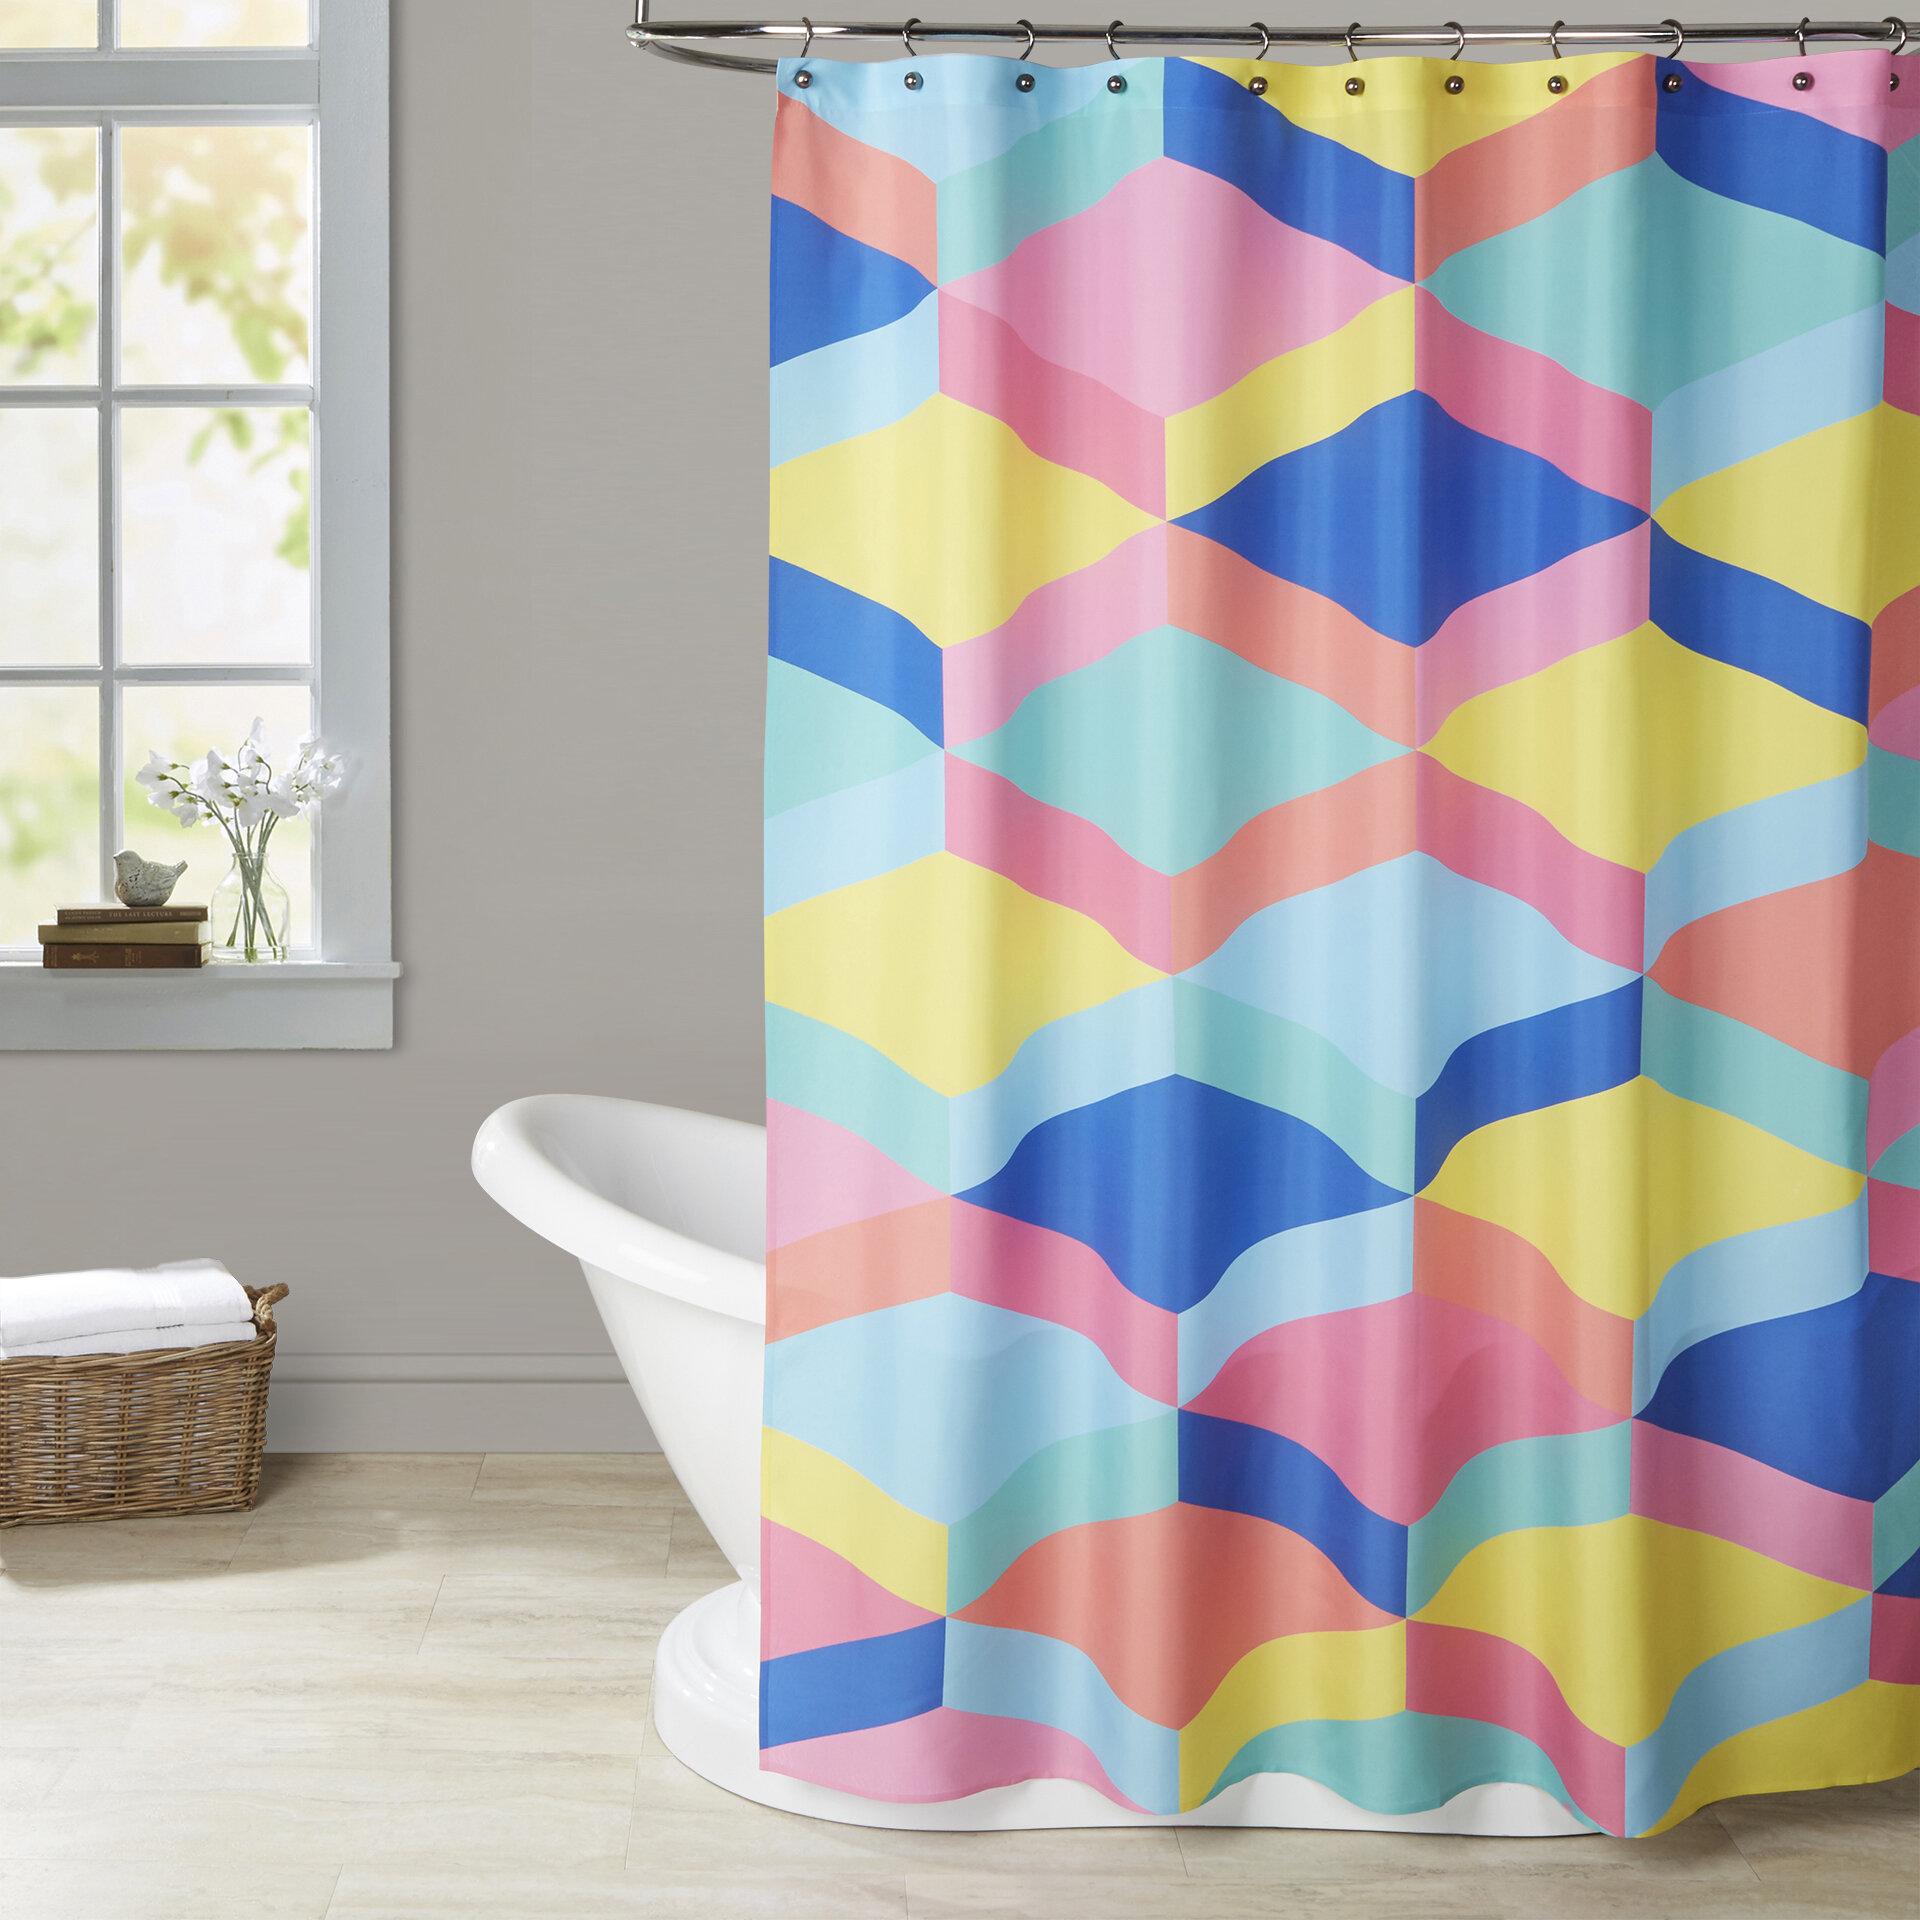 Brayden Studio Ashlee Rae Candy Stairs Shower Curtain